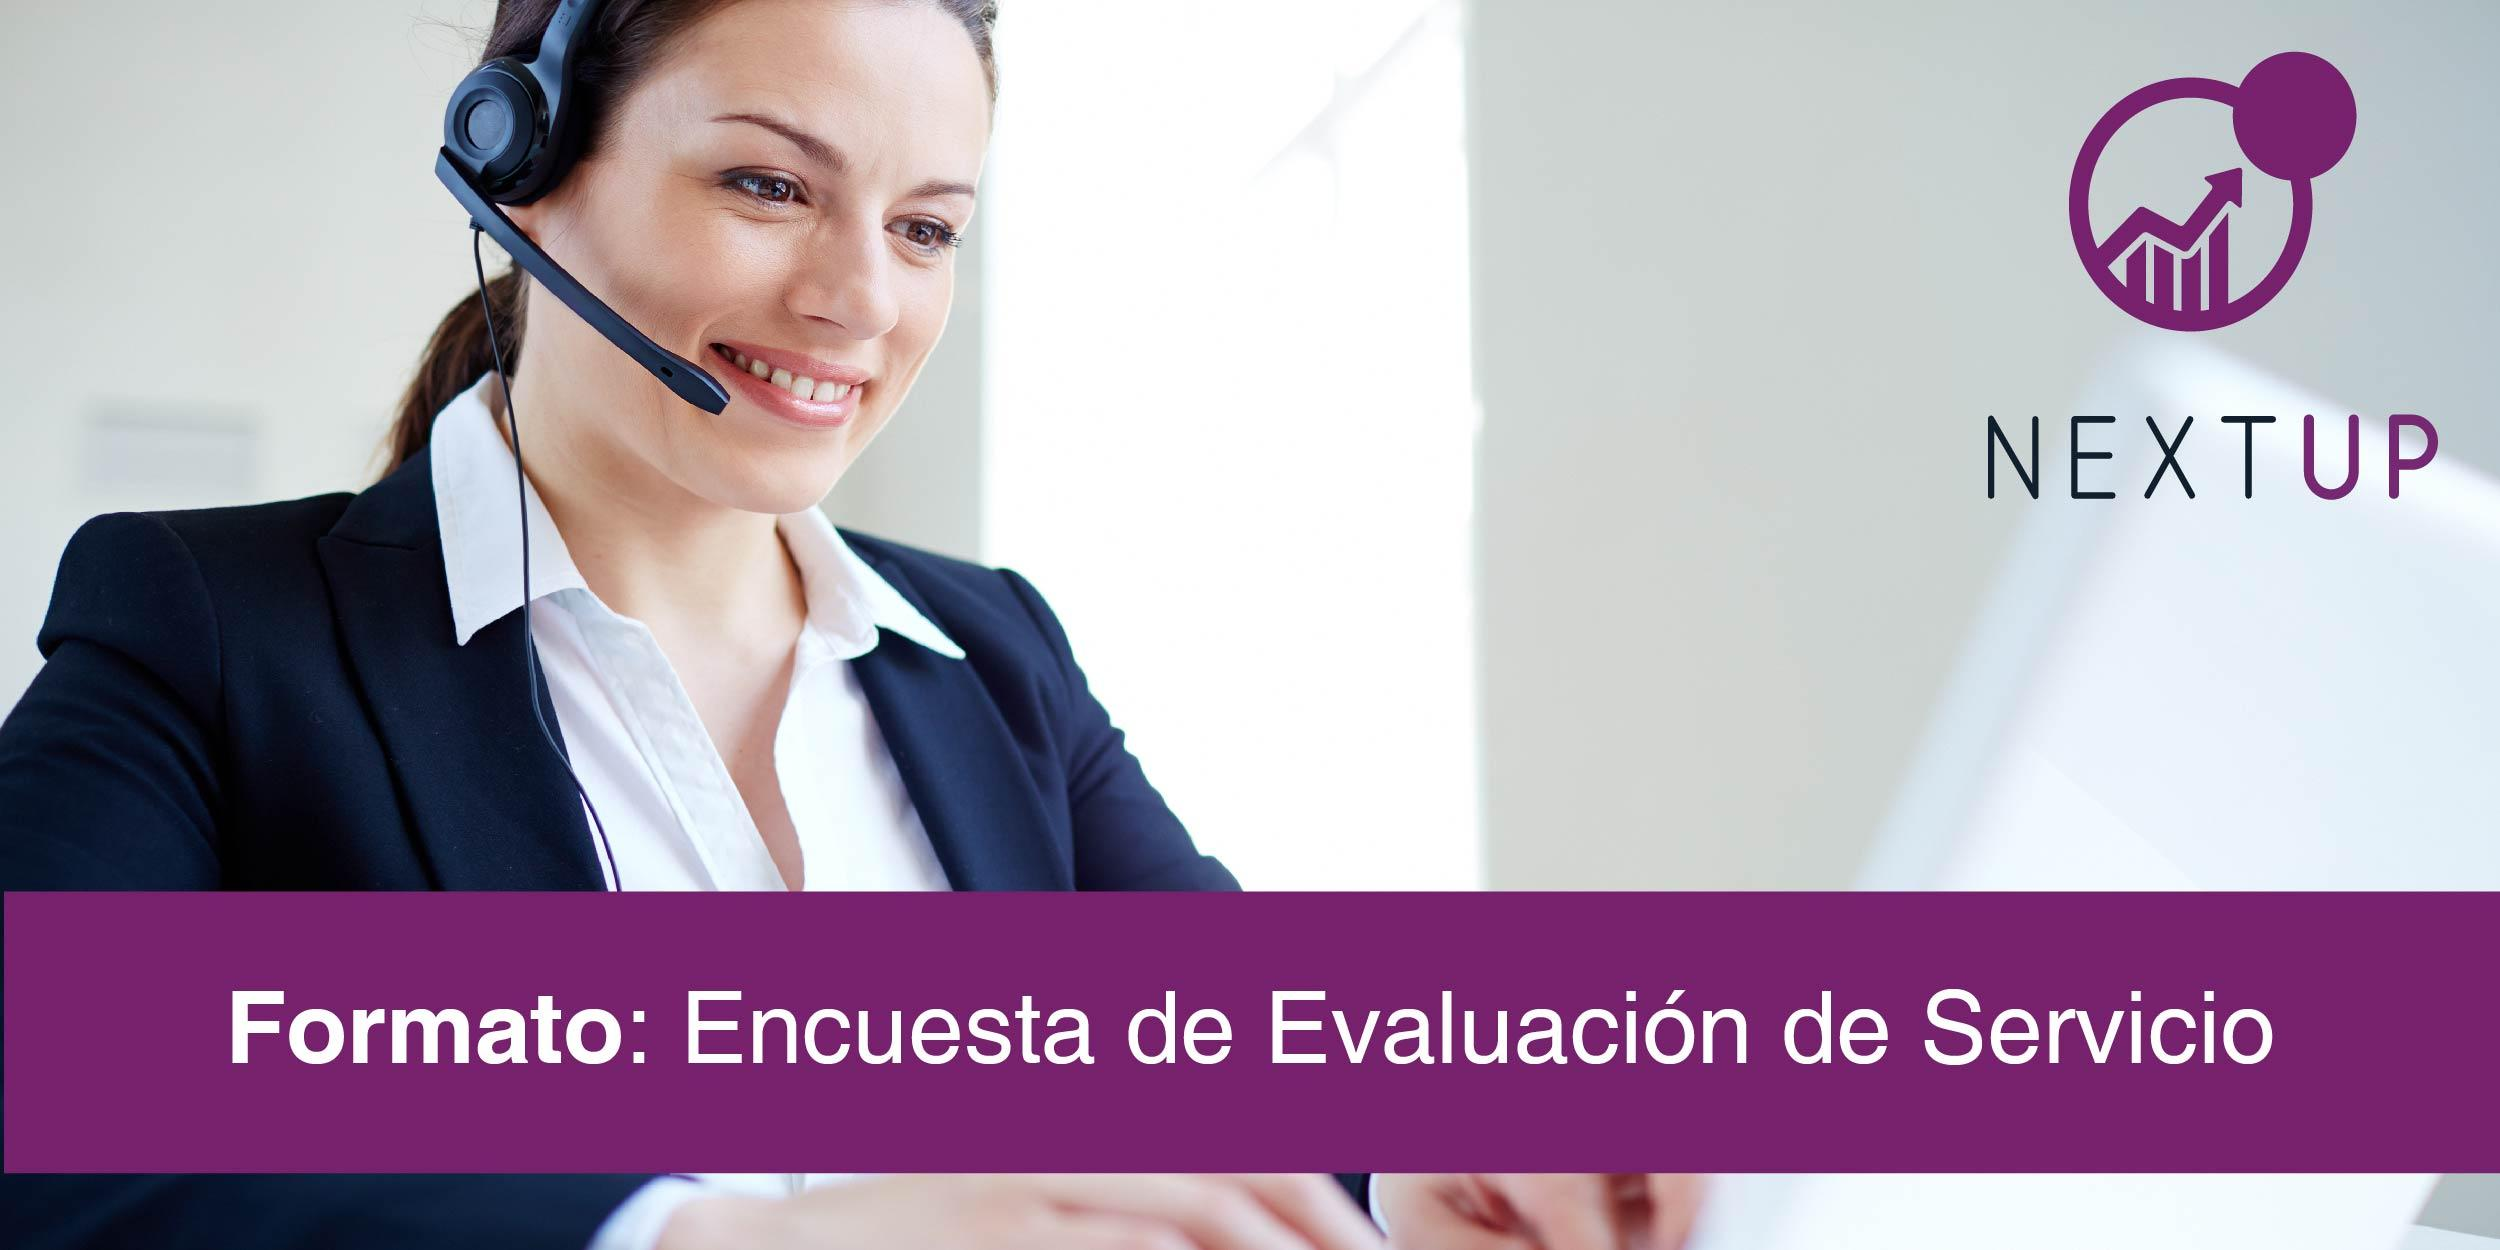 formato encuesta evaluación de servicio